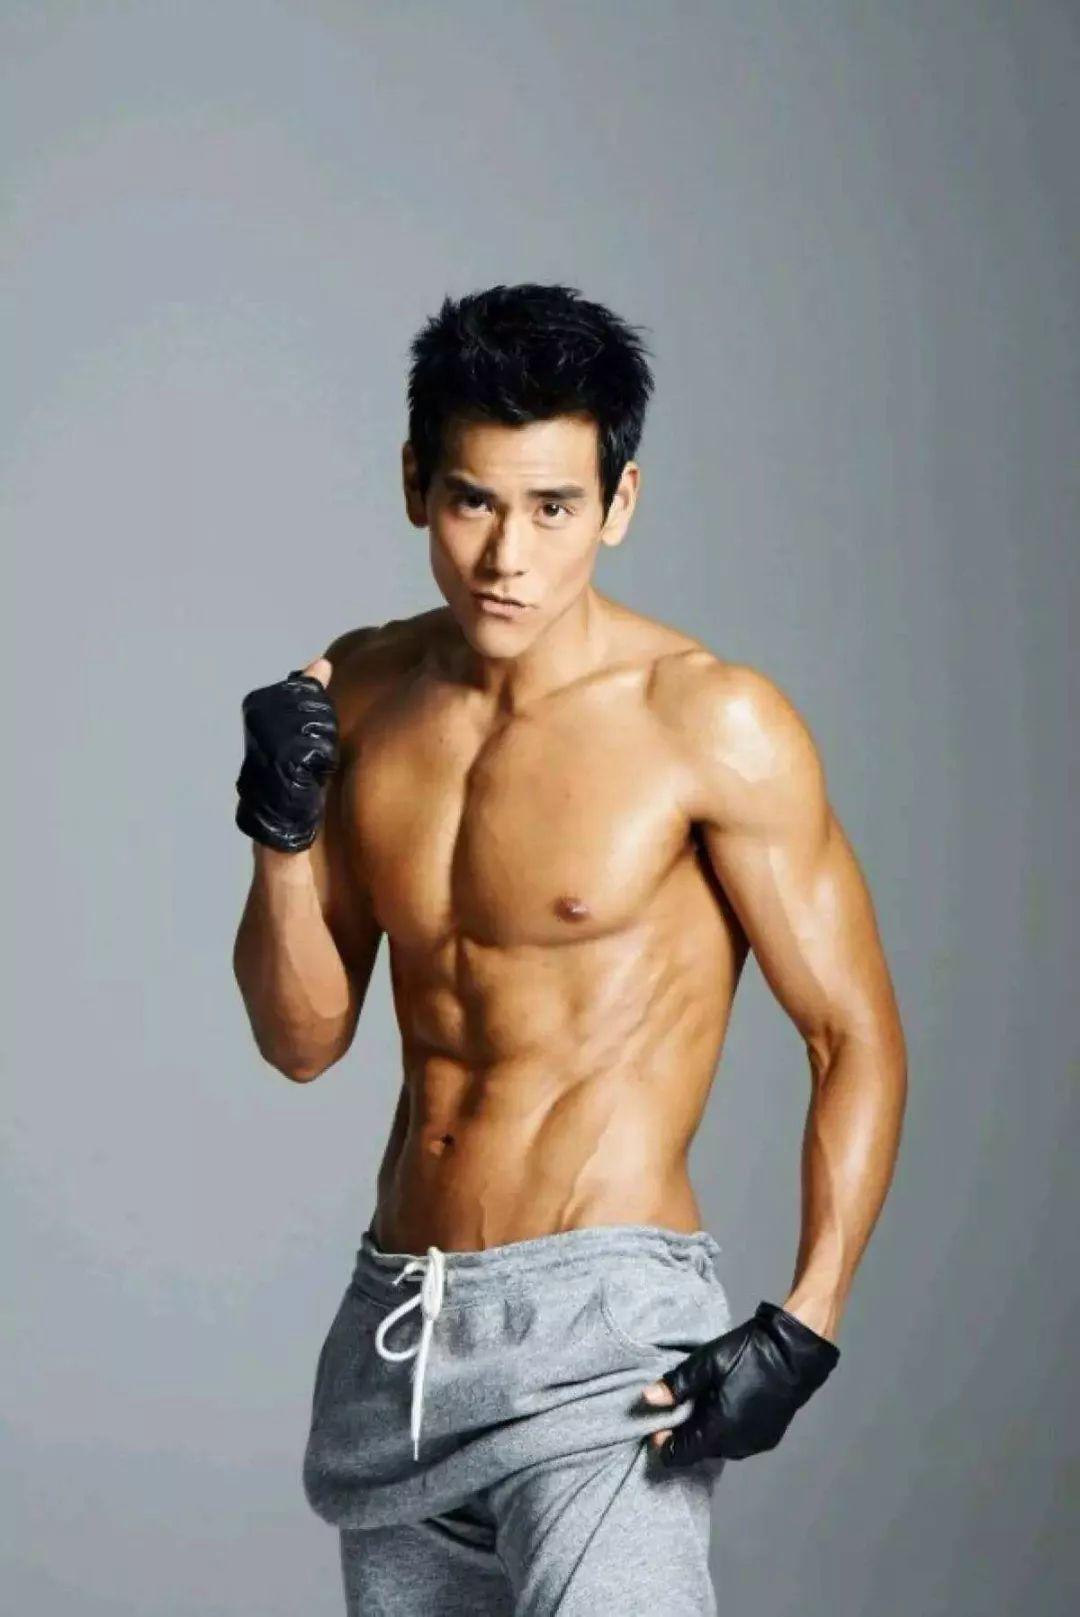 健身男神彭于晏的4 37岁,看看你们老公都经历了什么